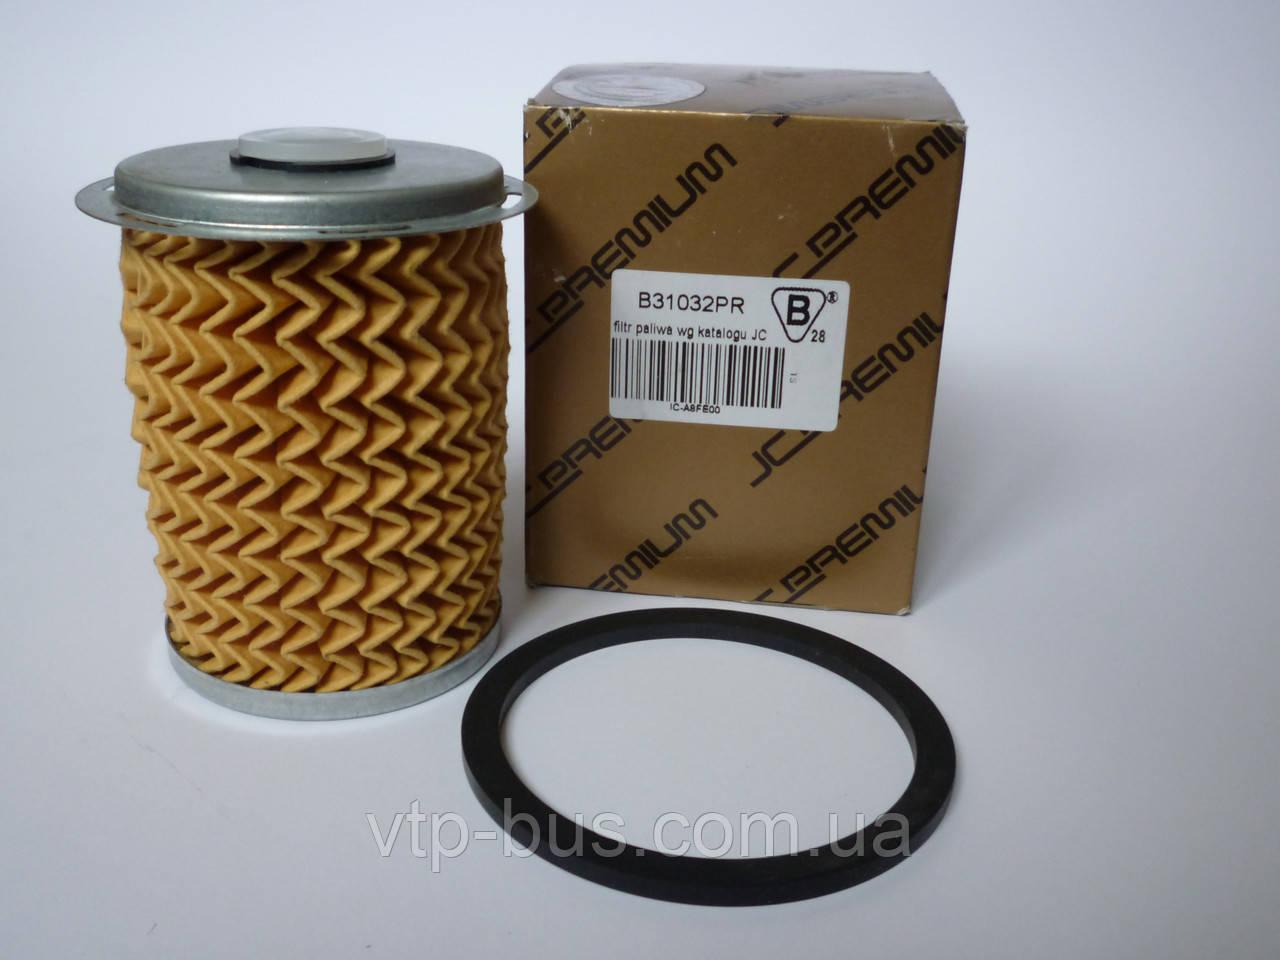 Топливный фильтр на Renault Trafic/ Opel Vivaro/ Nissan Primastar 1.9dCi с 2001...JC Premium (Польша) B31032PR